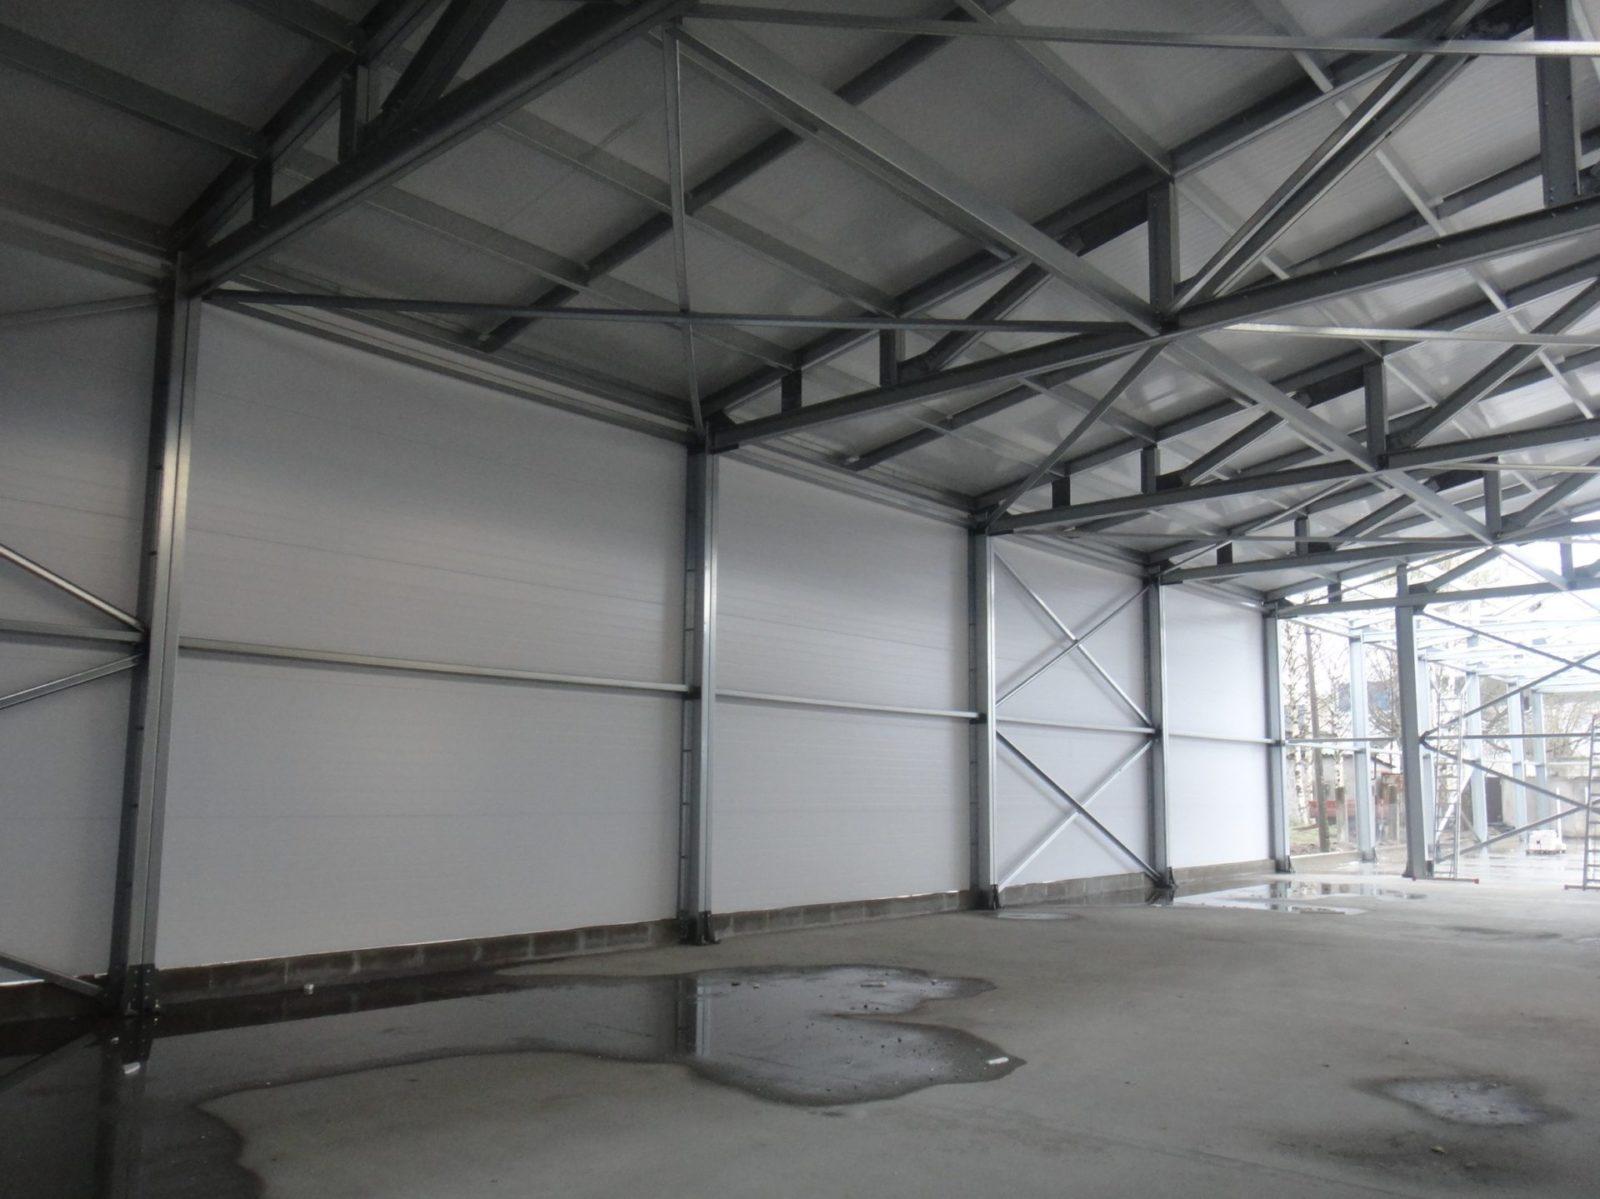 Установка быстровозводимого здания качественно и в сжатые сроки